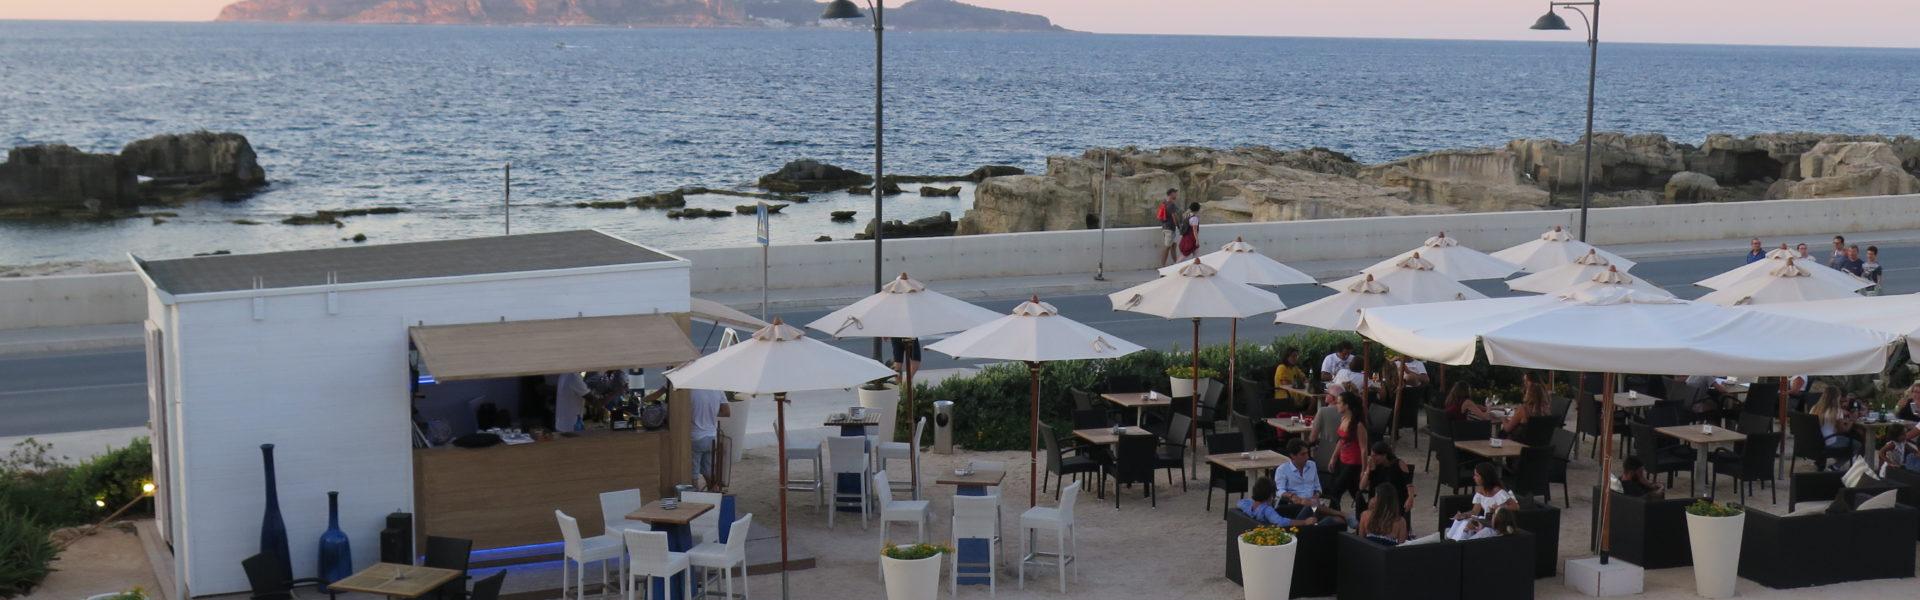 Il Corallo Cafè da un dolce Buongiorno ai suoi ospiti accogliendoLi al risveglio nell'incantevole chiosco vista mare. Qui troverete una ricca varietà di dolcezze e coccole che accompagnerà le vostre prime ore della giornata.